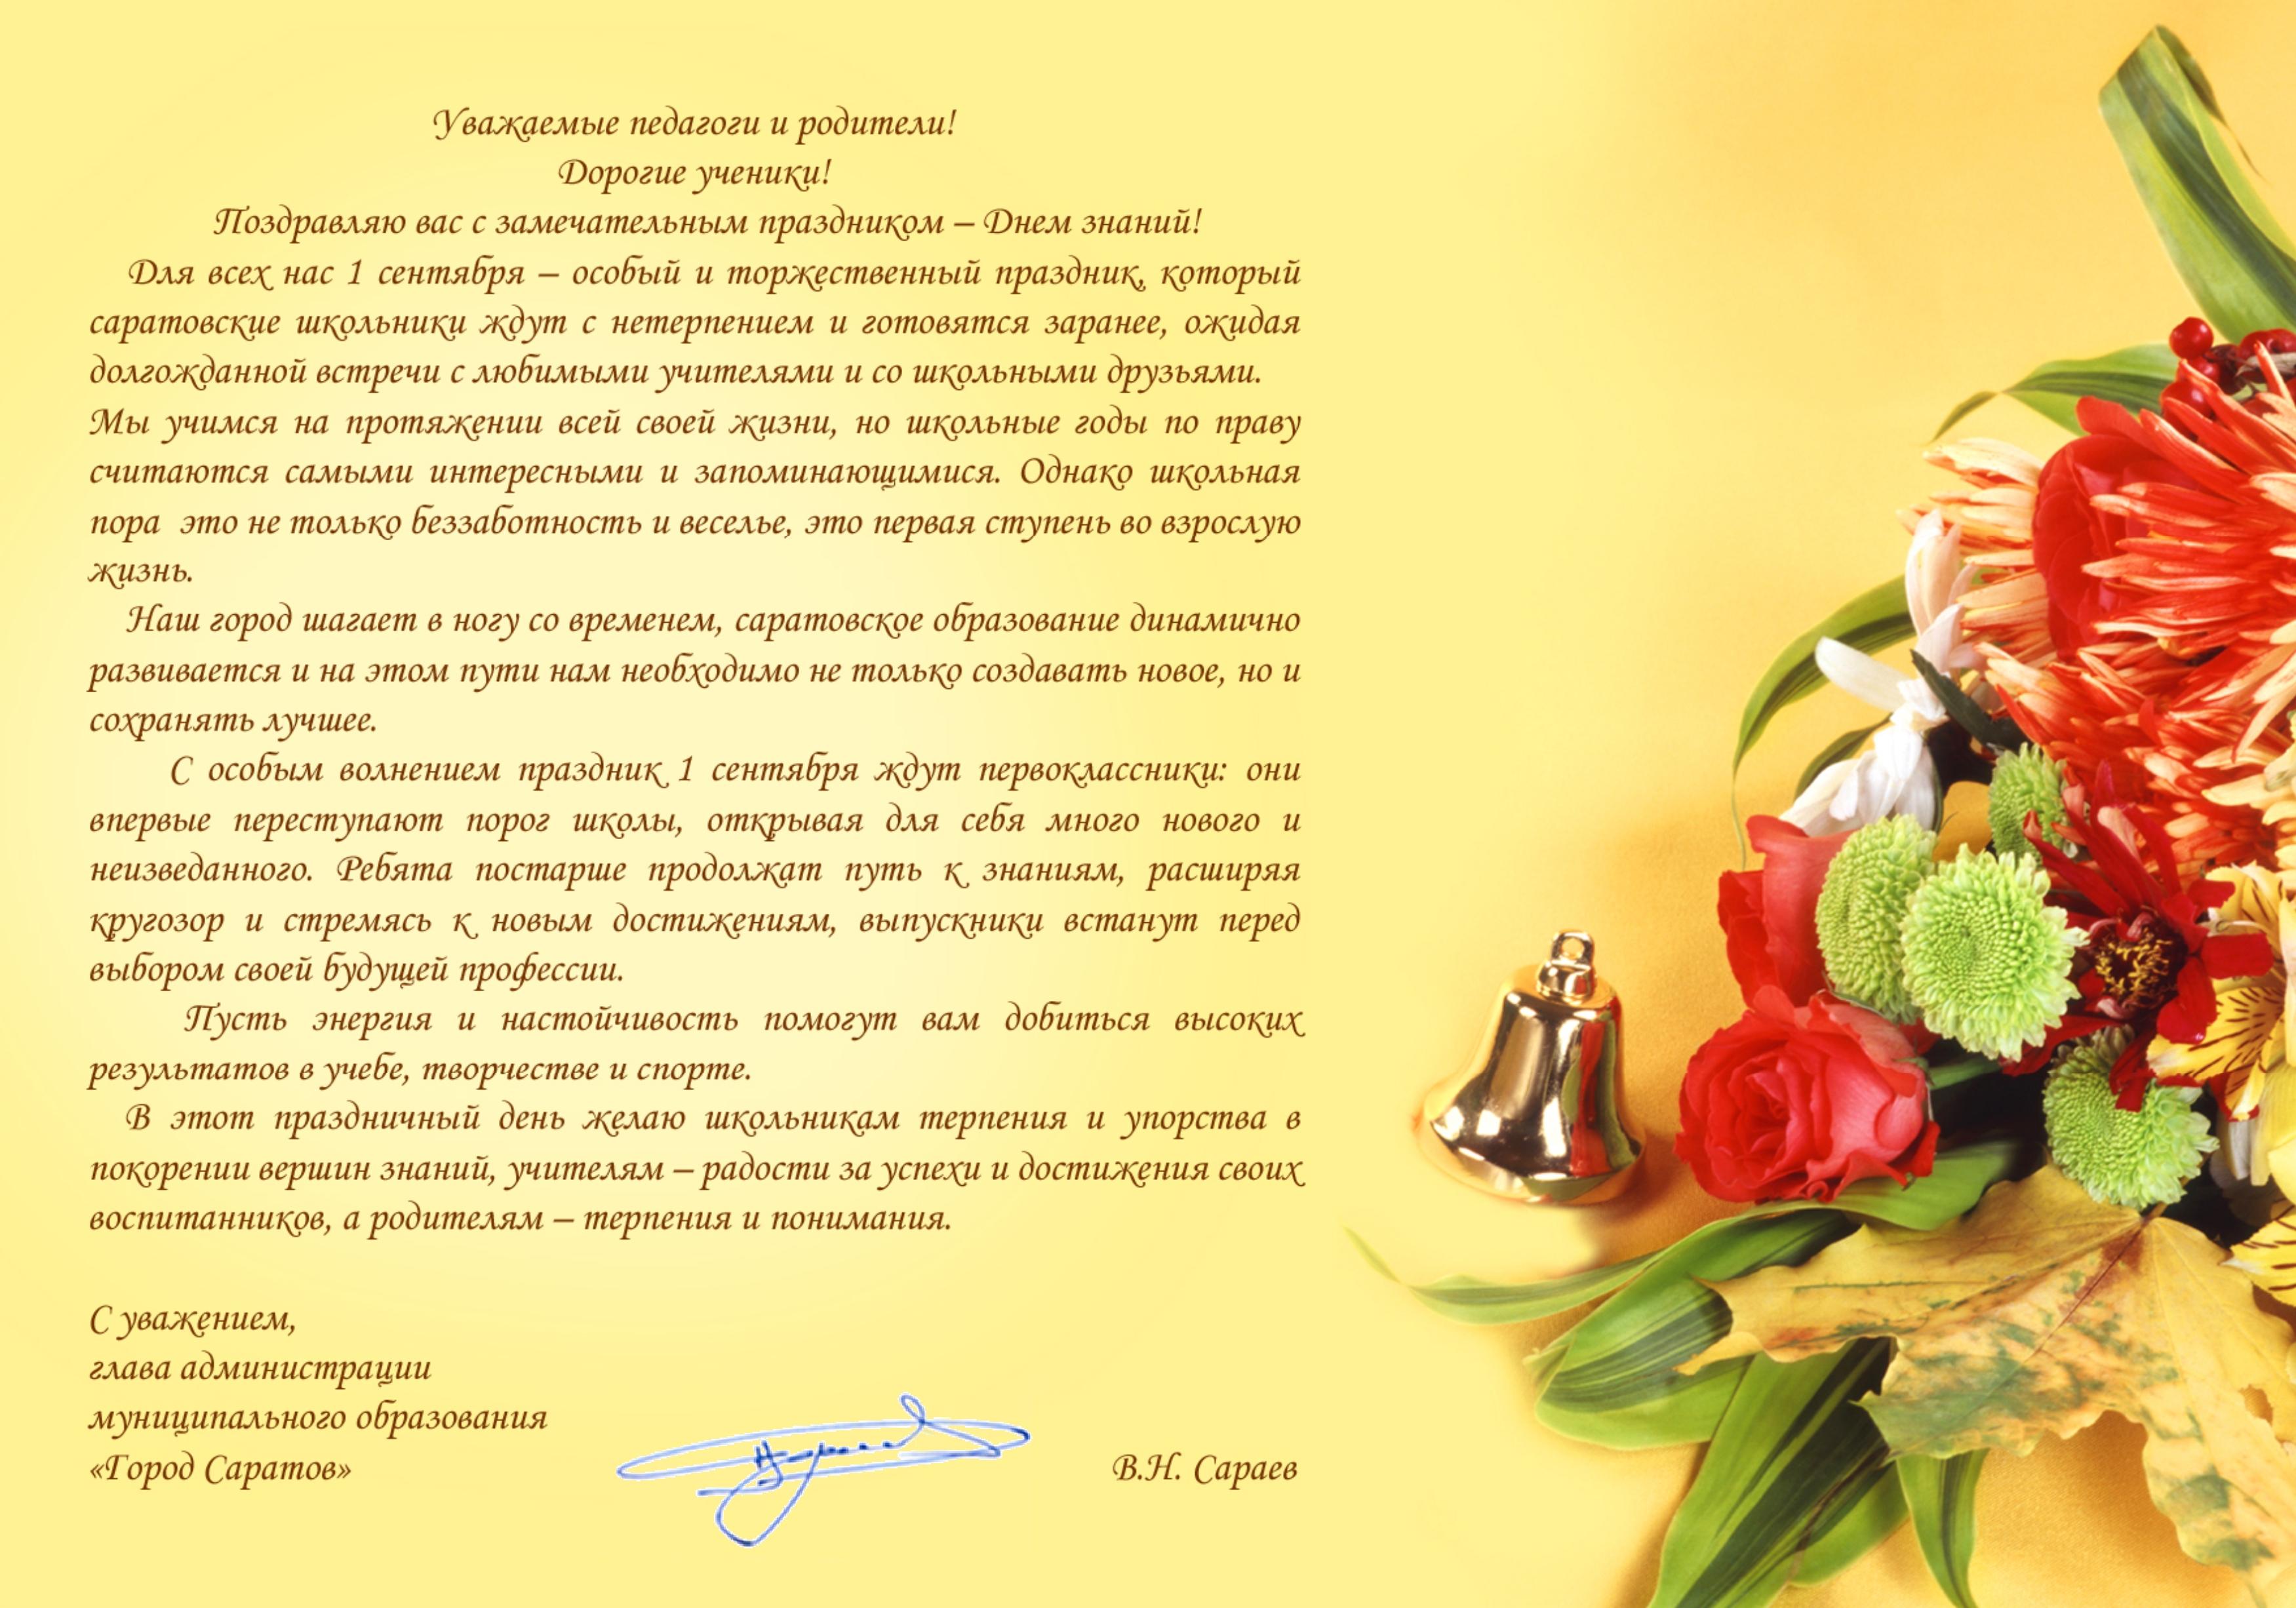 Поздравление от главы района с 1 сентября